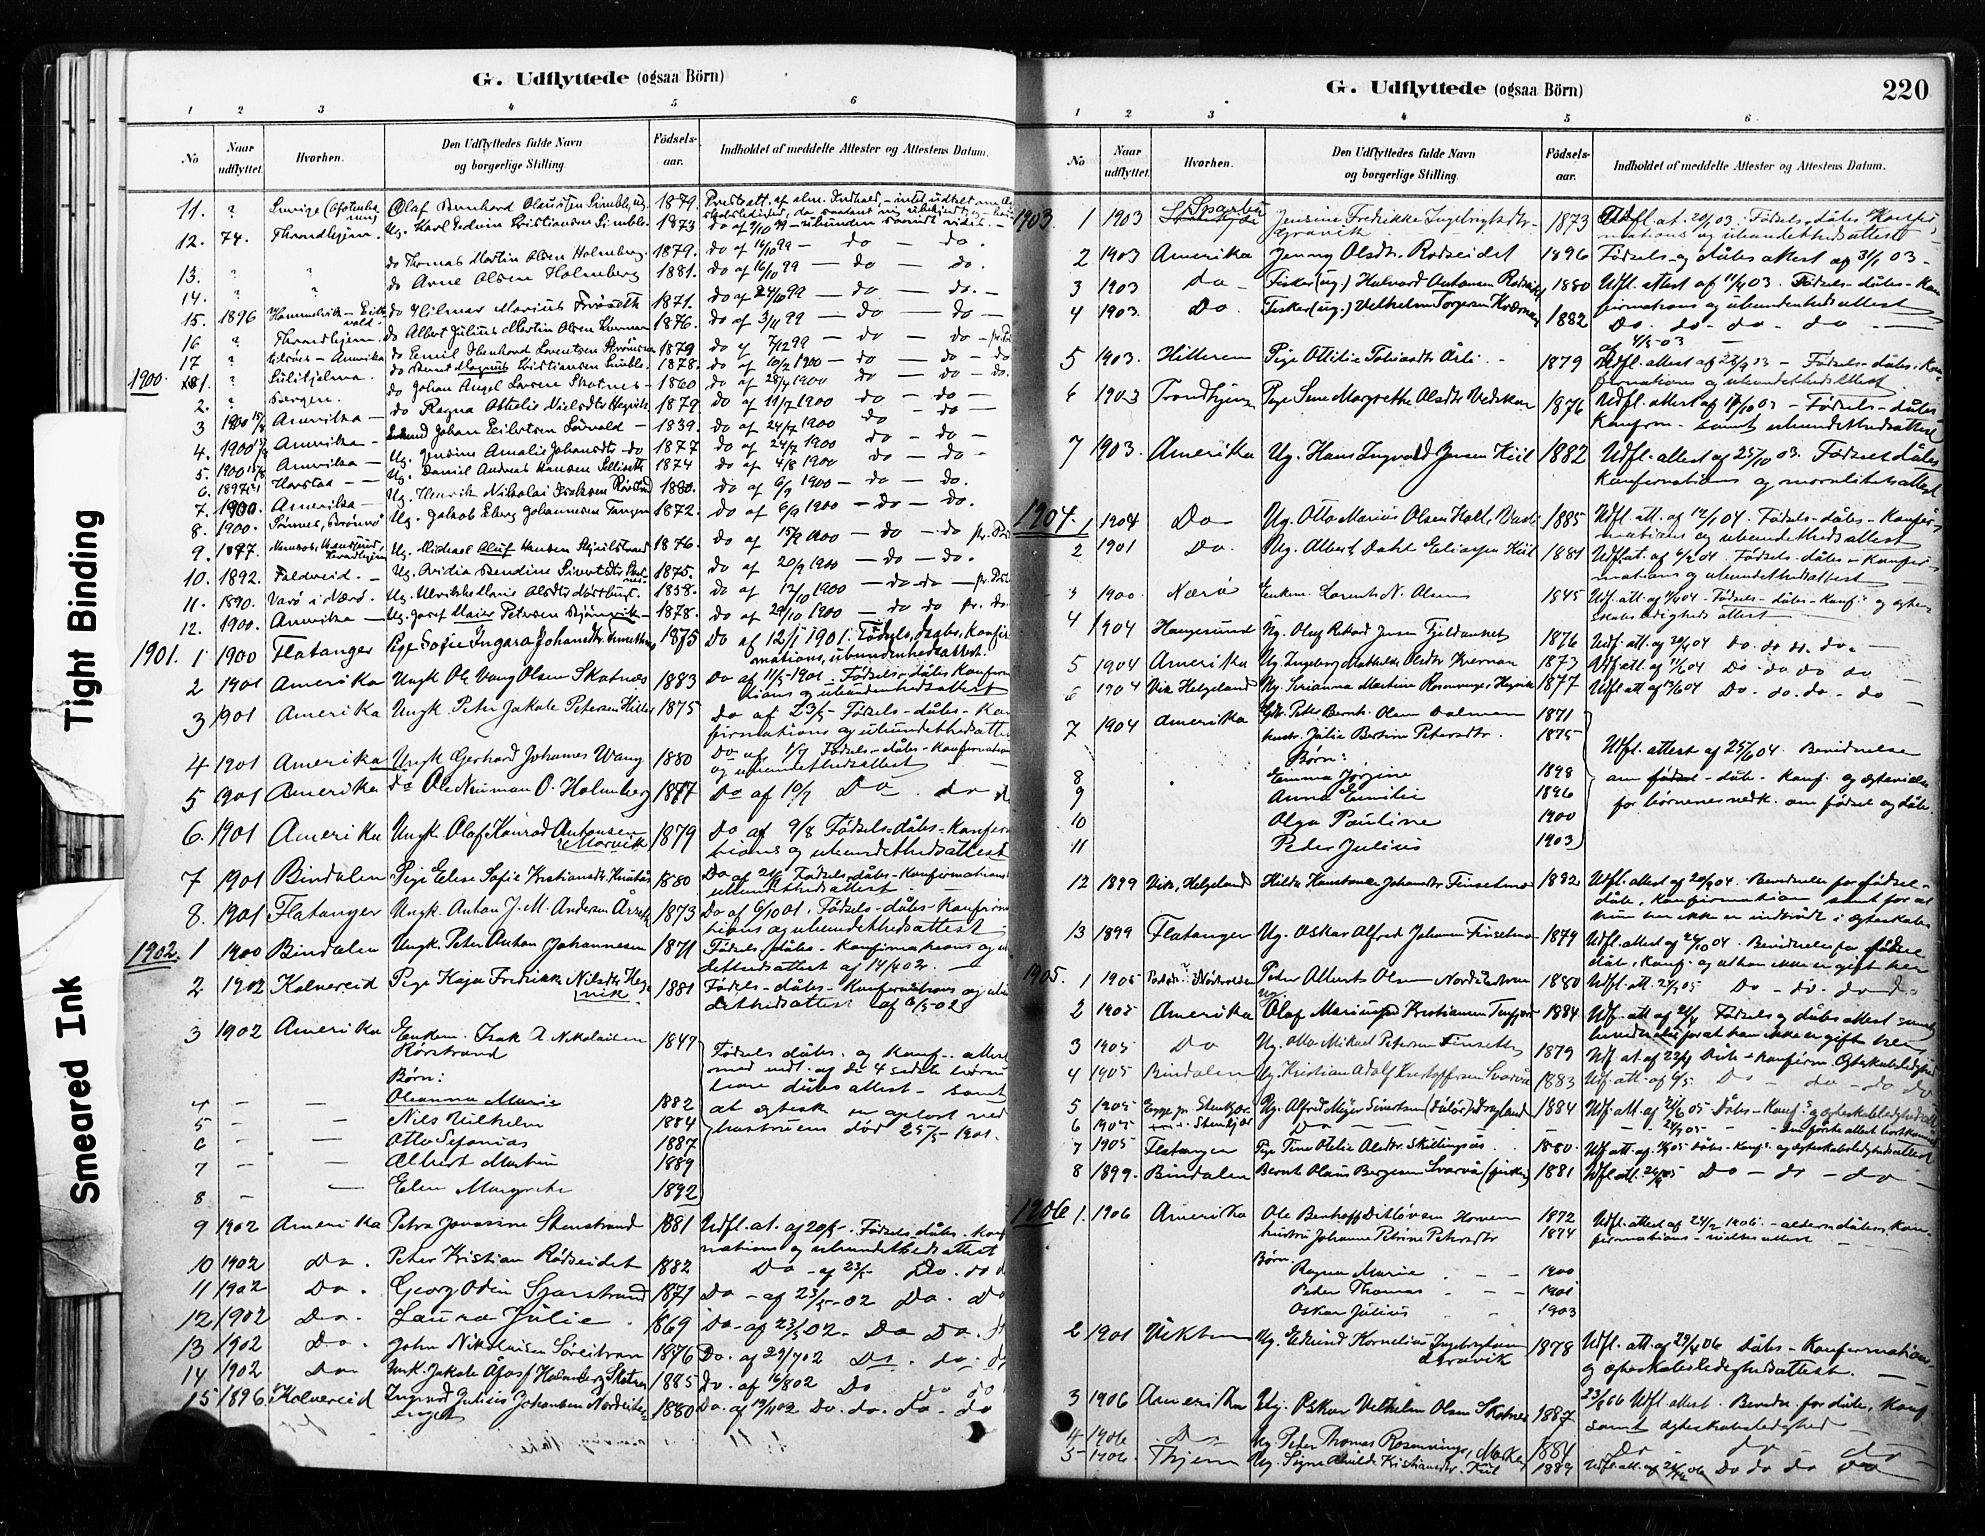 SAT, Ministerialprotokoller, klokkerbøker og fødselsregistre - Nord-Trøndelag, 789/L0705: Ministerialbok nr. 789A01, 1878-1910, s. 220